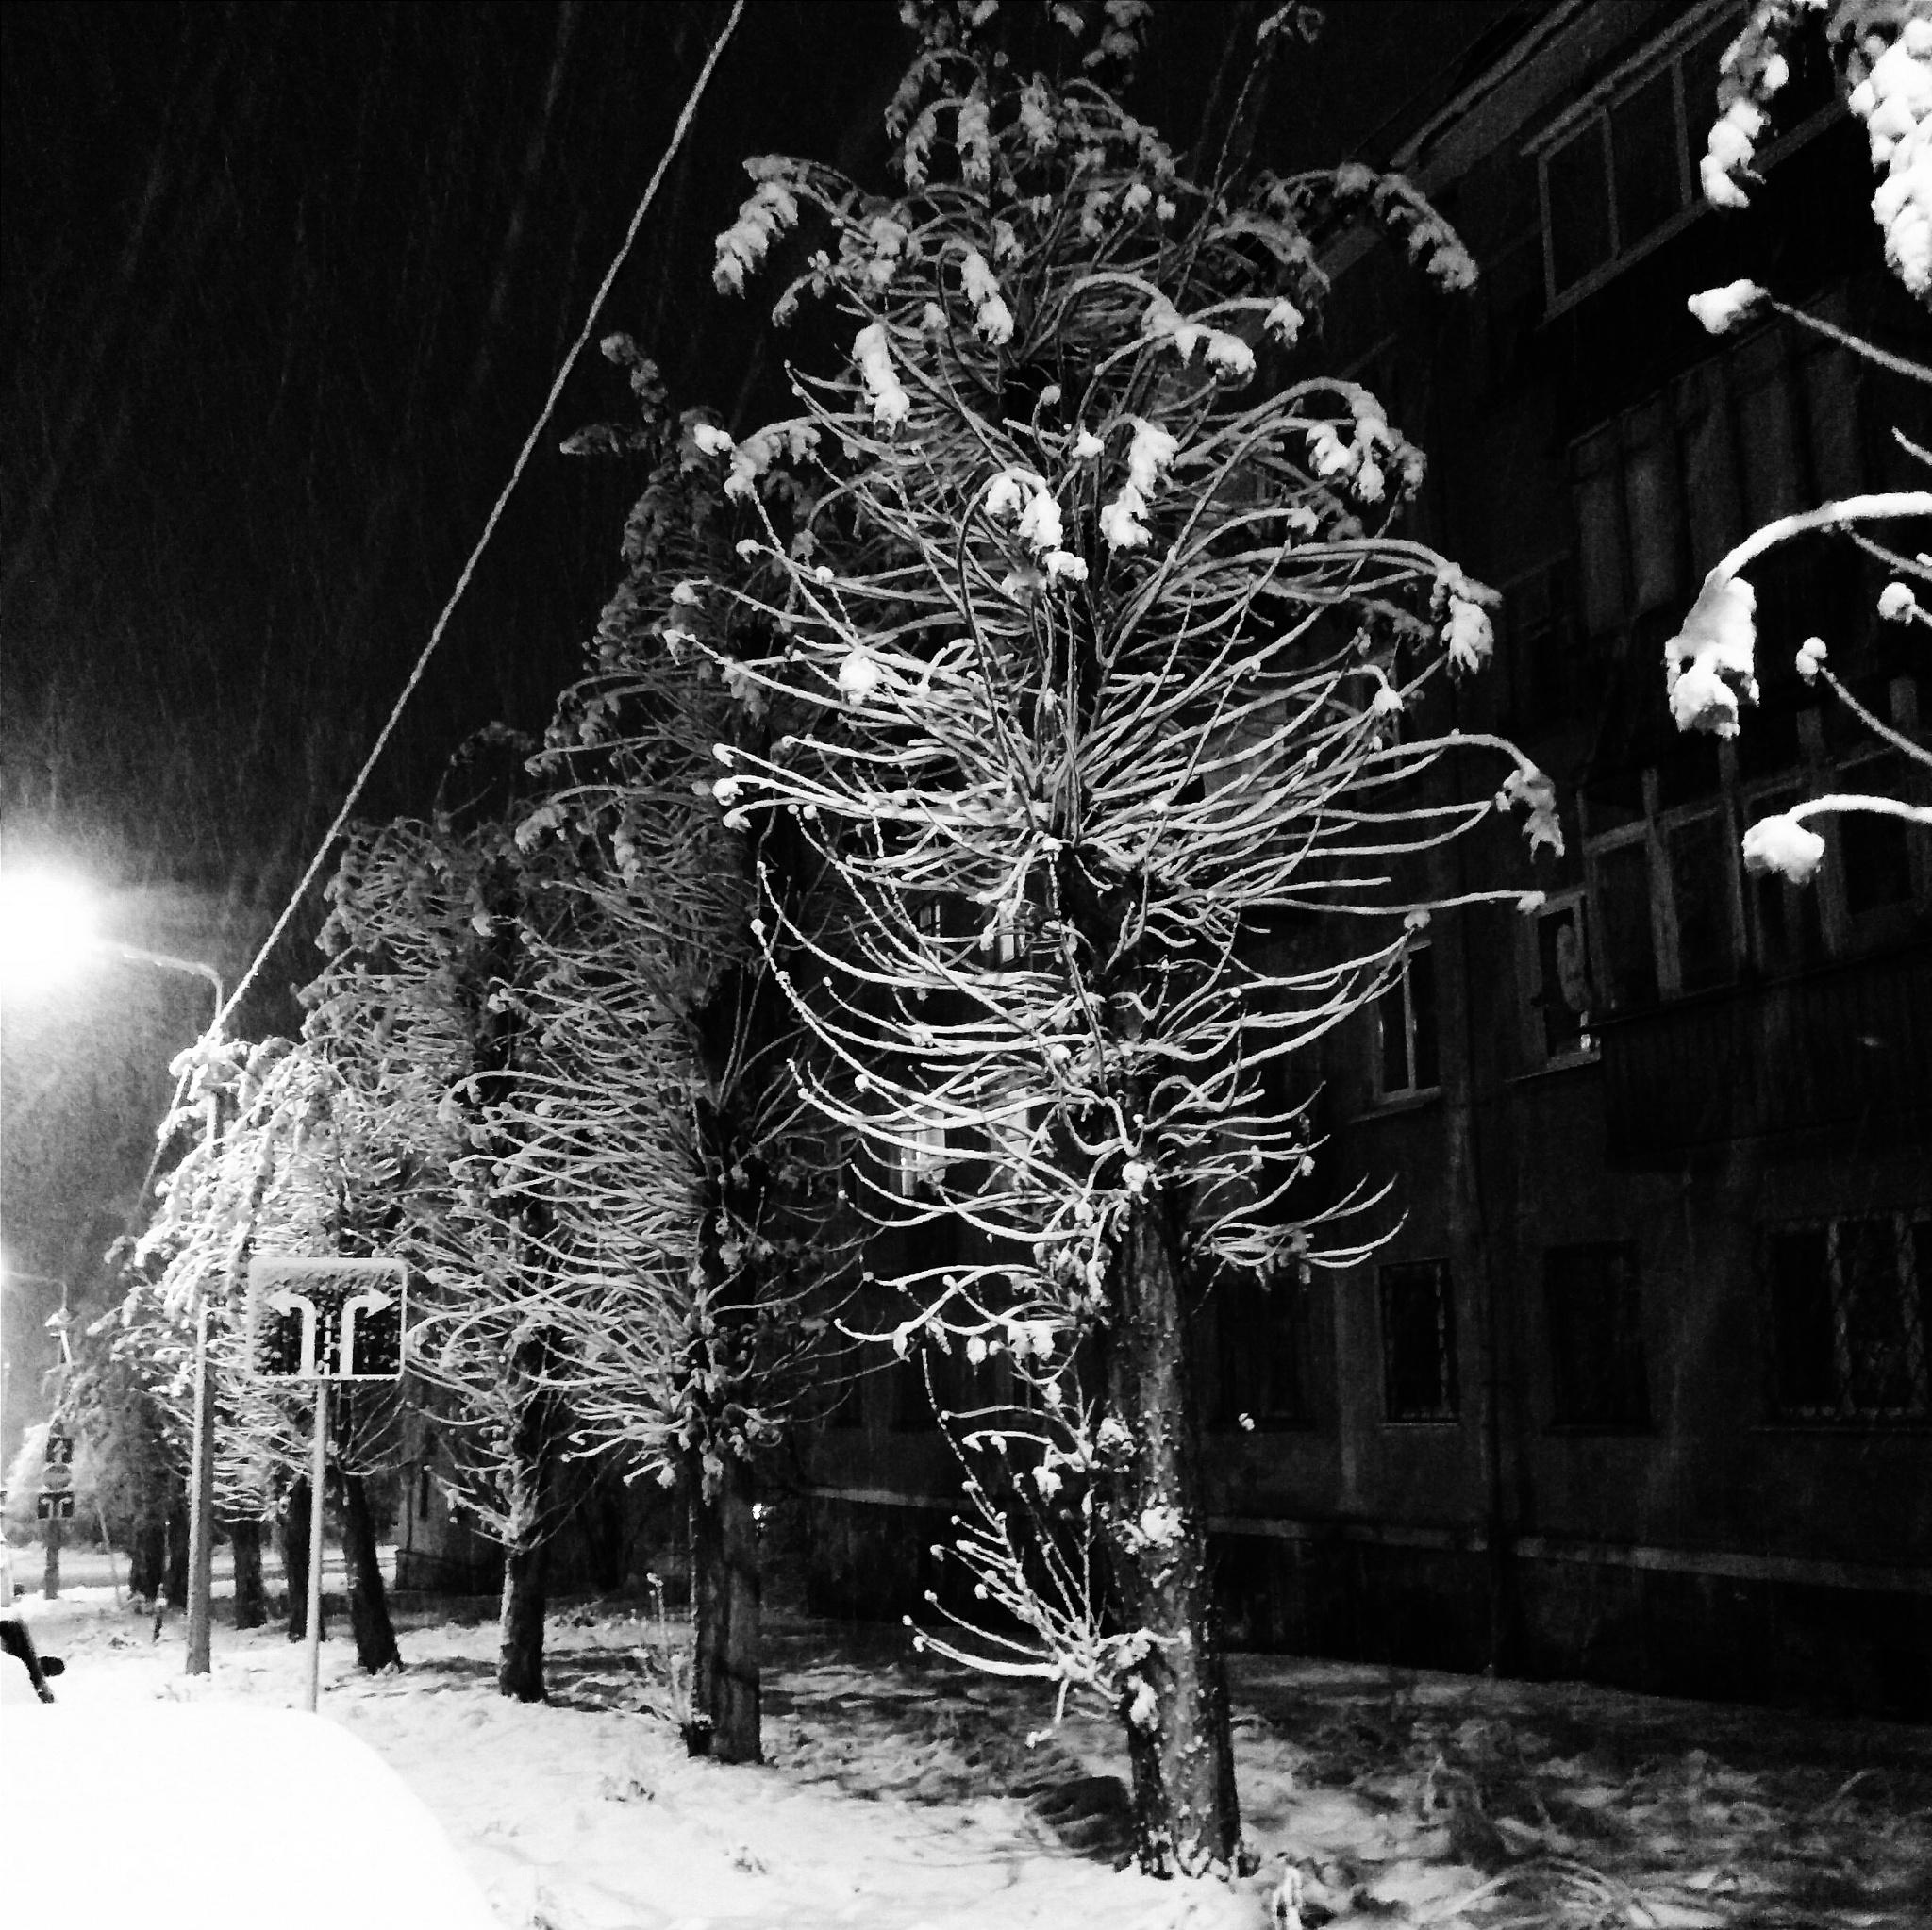 First Snow by Constantine Voronin